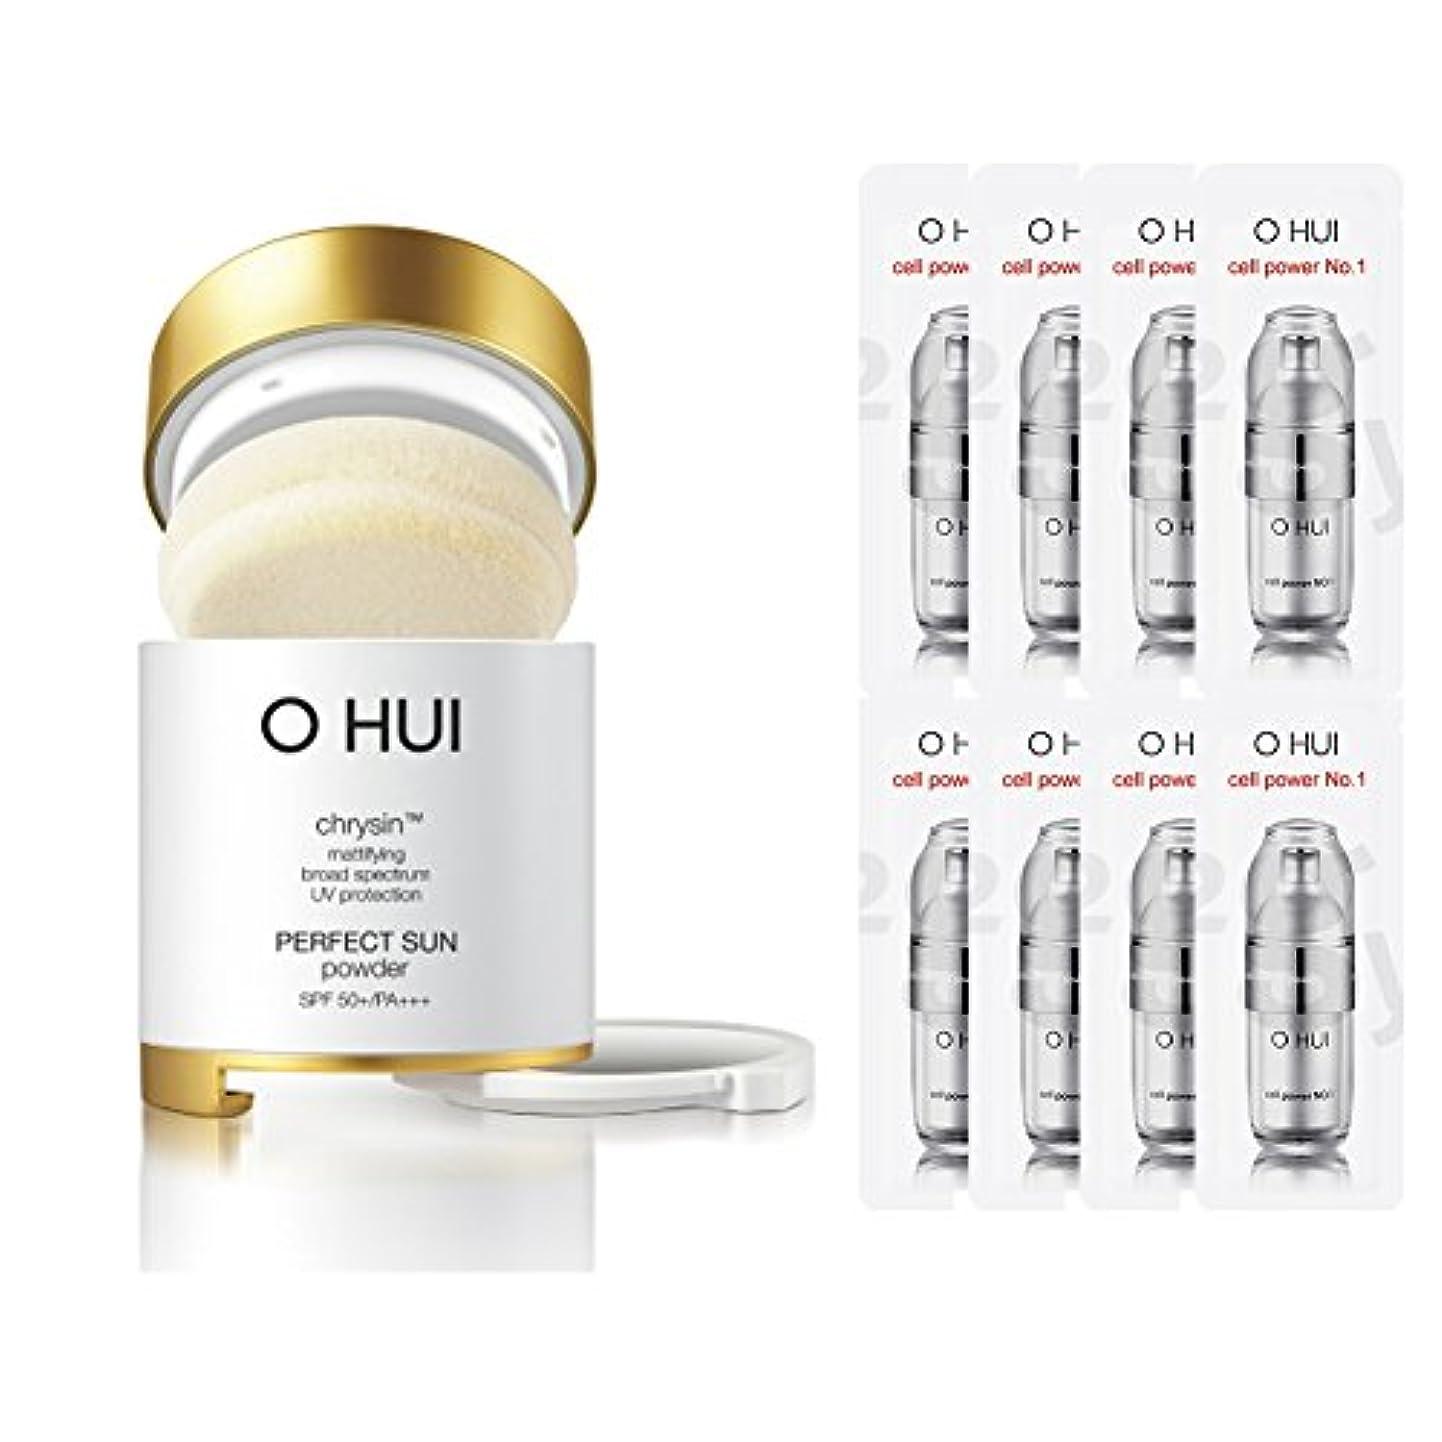 選択するリビジョン快適OHUI/オフィ2015年 パーフェクトサンパウダー (OHUI Version Perfect Sun Powder SPF50++PA+++ Special Gift set) スポット [海外直送品] (2号ベージュ)